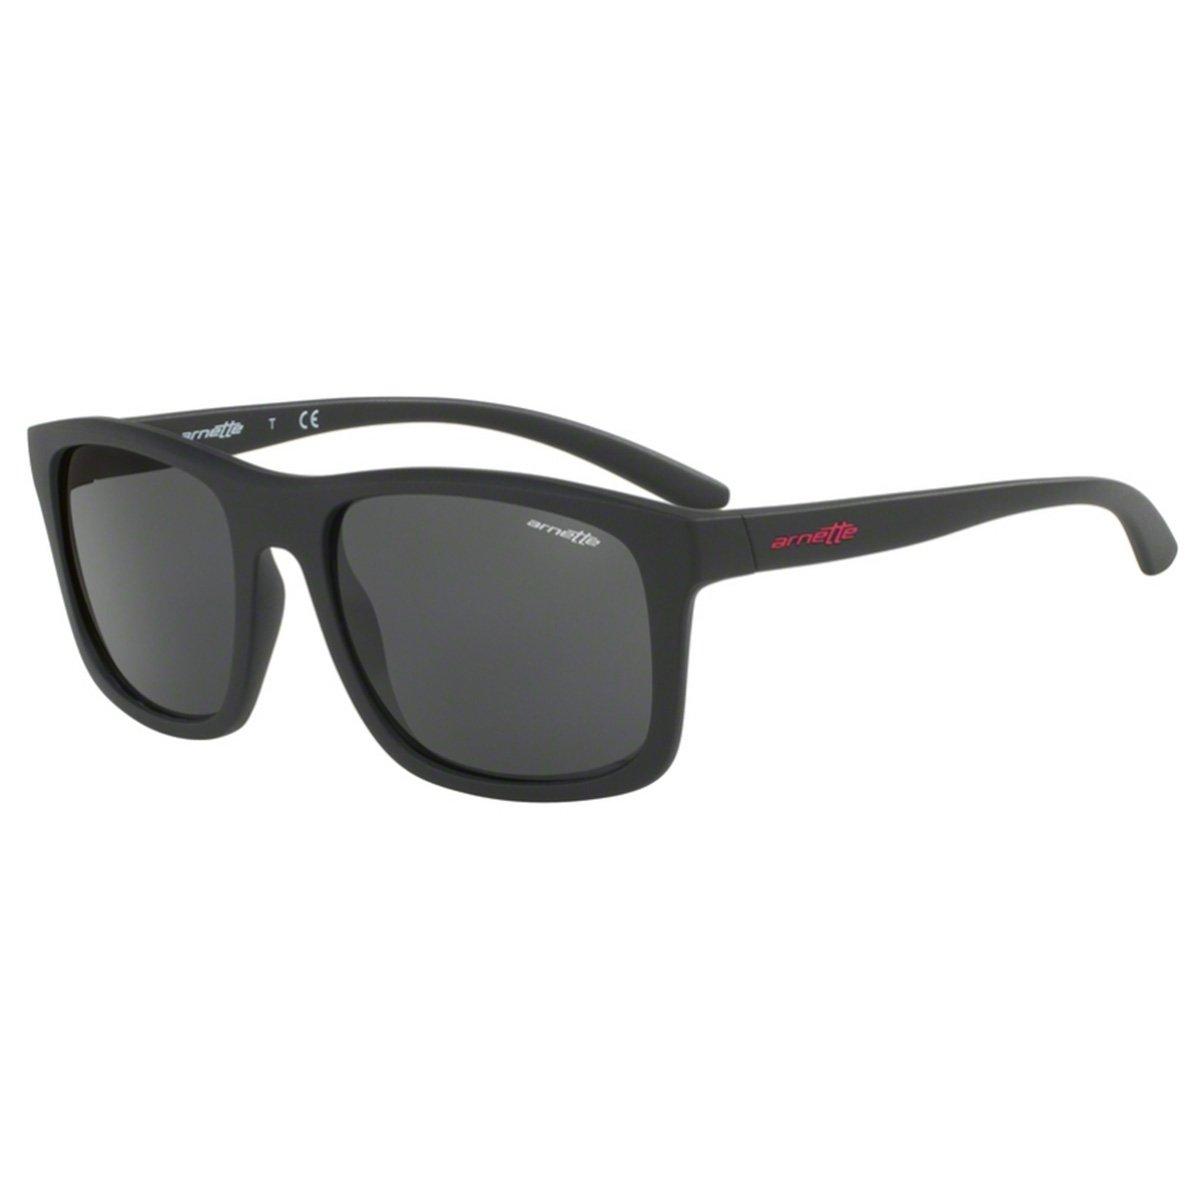 Compre Óculos de Sol Arnette Complementary em 10X   Tri-Jóia Shop 9bb7323570